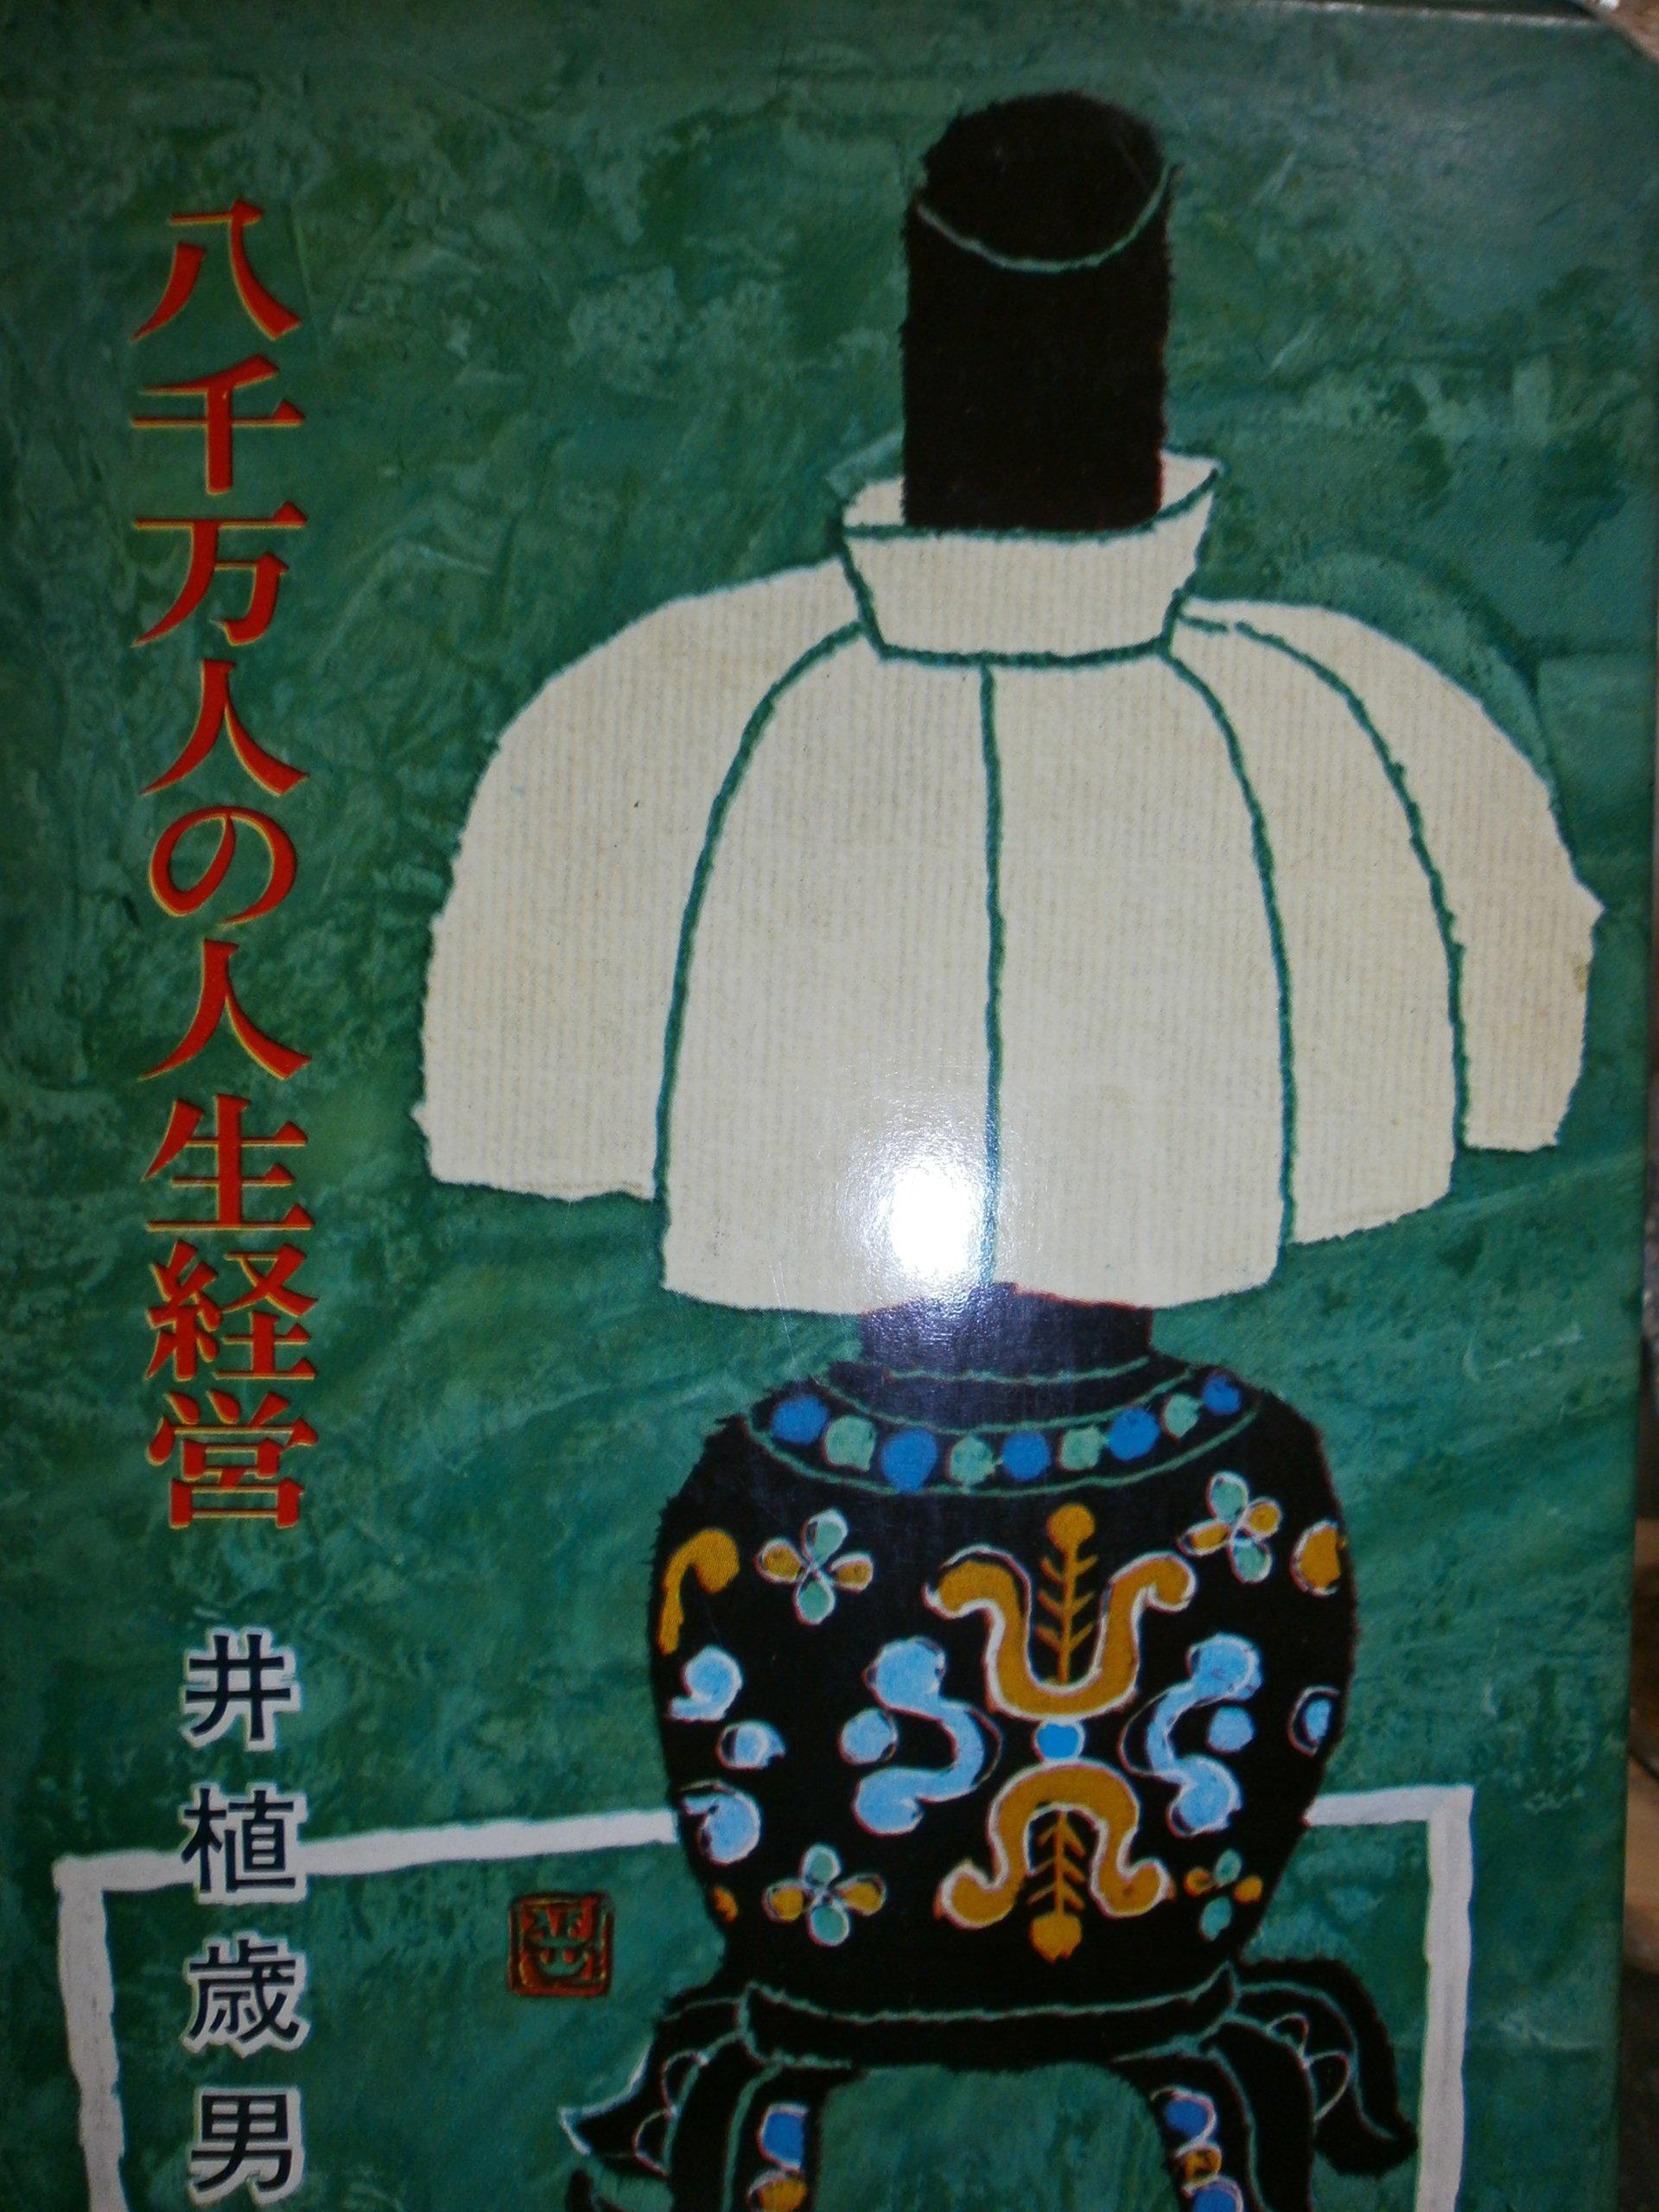 井植 歳男(Toshio Iue)